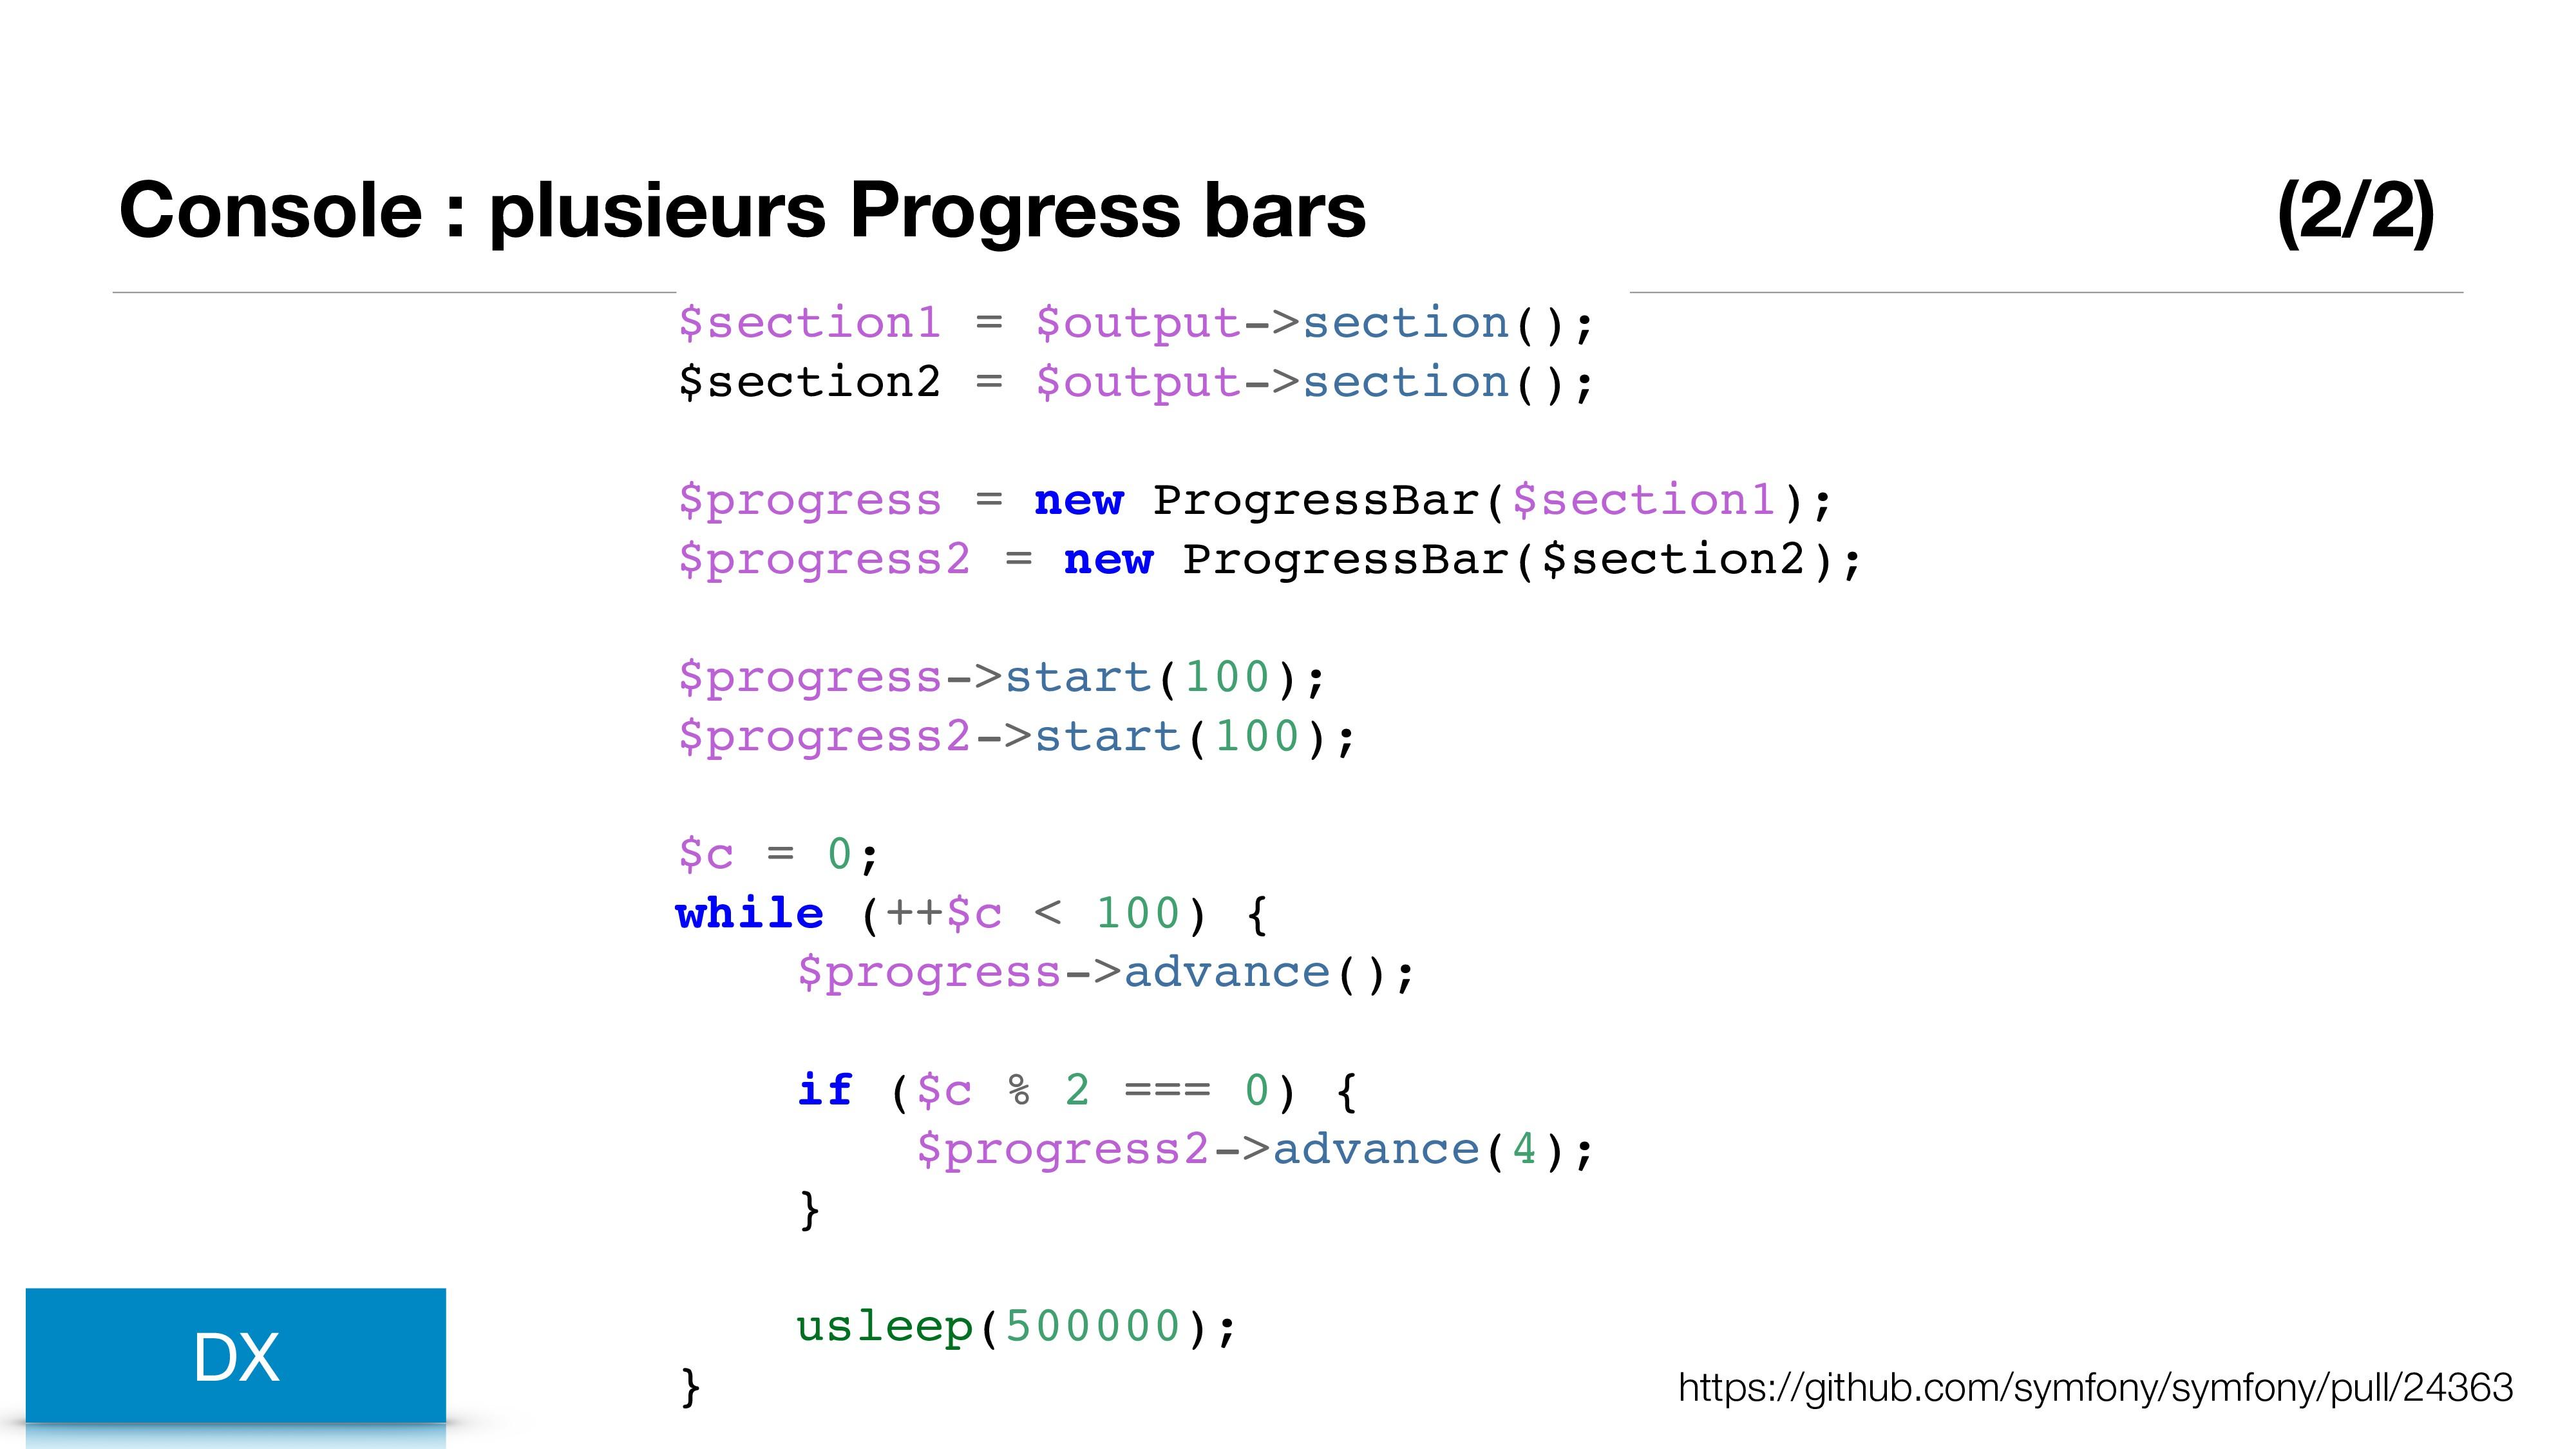 Console : plusieurs Progress bars (2/2) DX http...